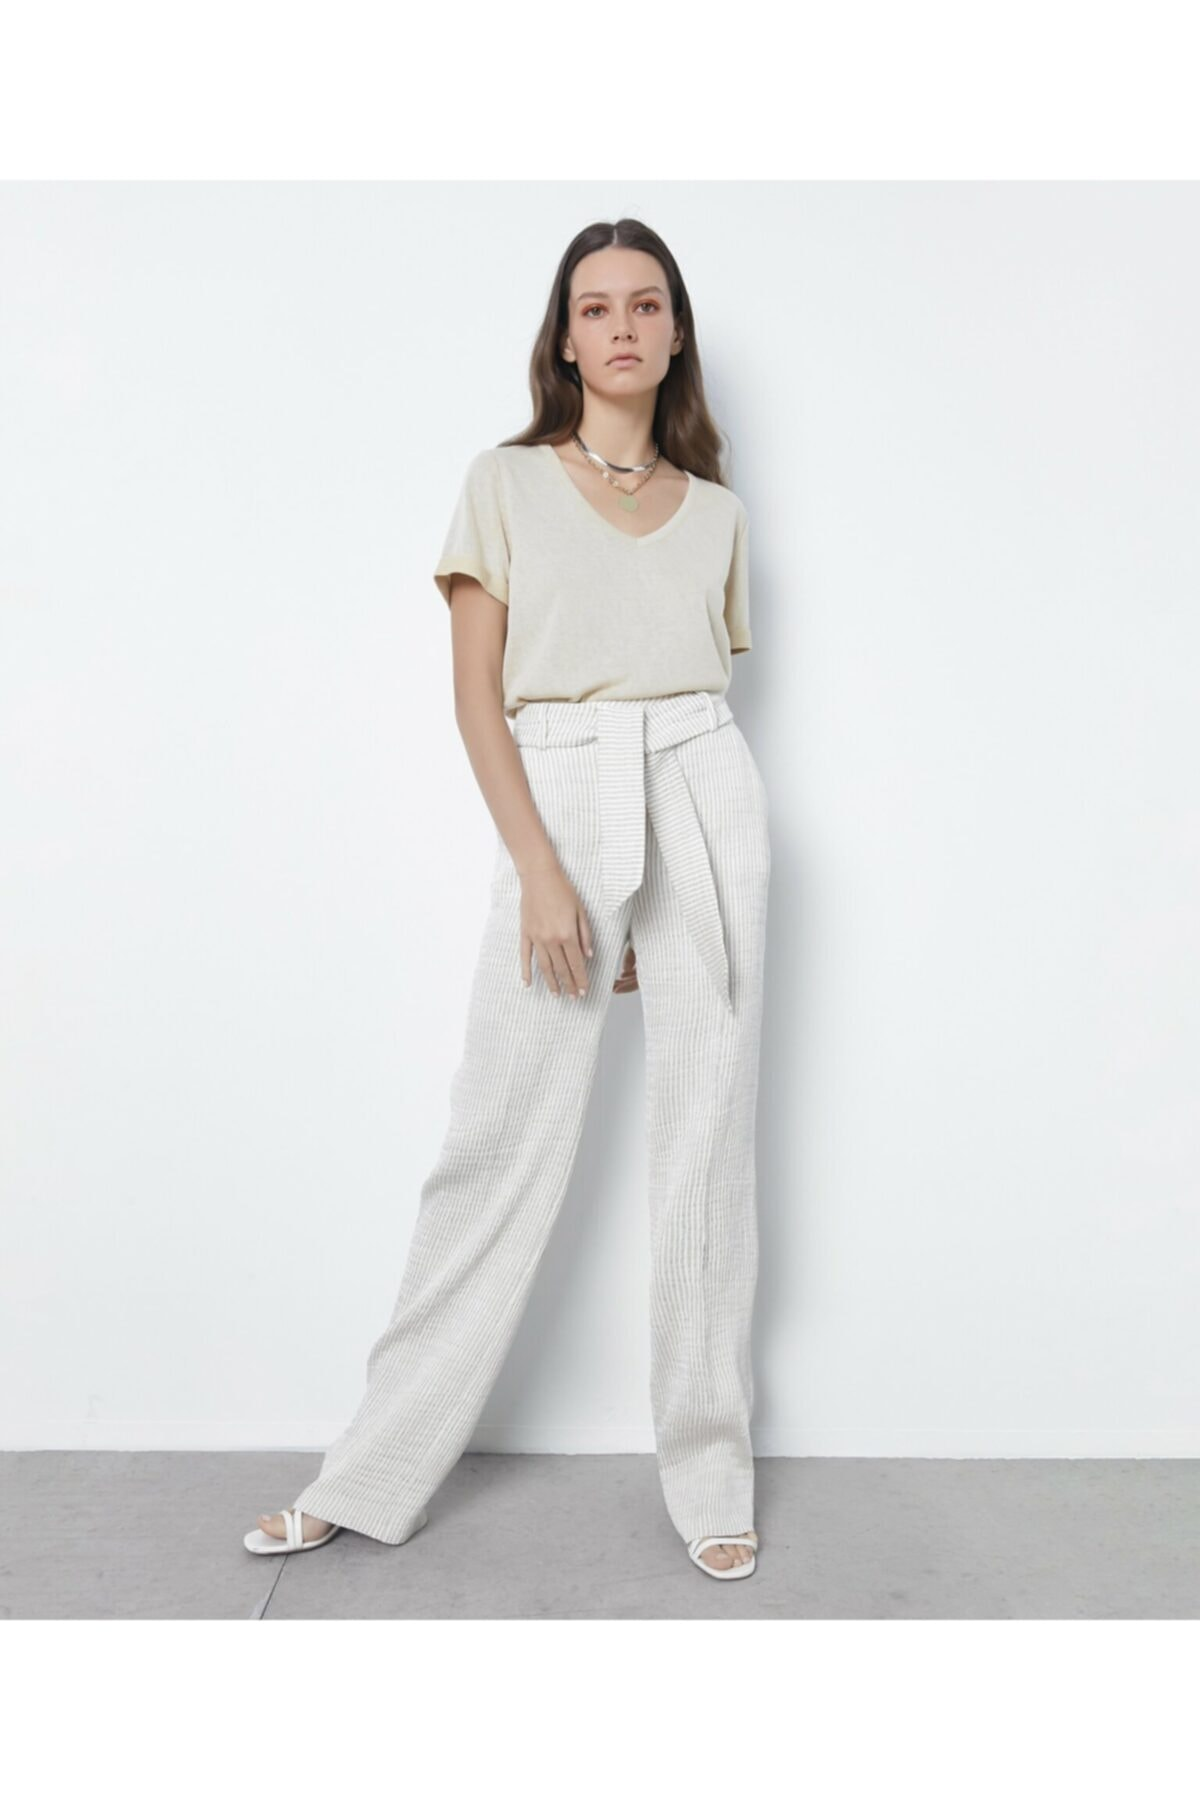 İpekyol Kadın Bej Çizgili Pantolon IS1200003162003 1